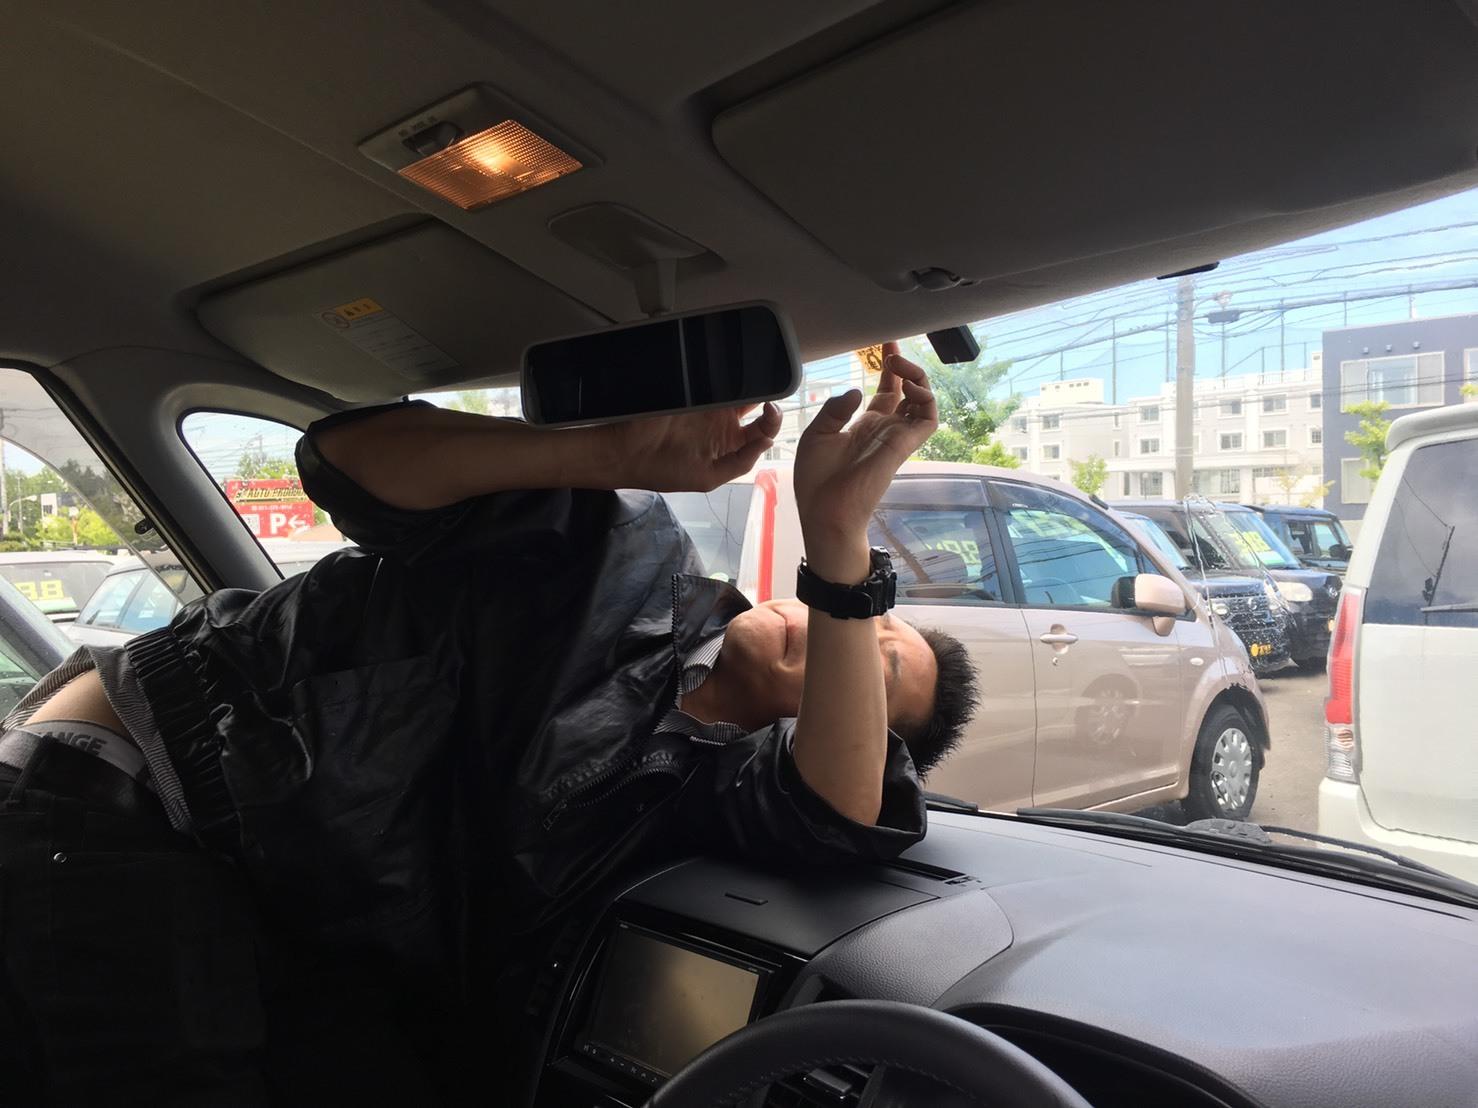 6月23日(日)☆TOMMYアウトレット☆あゆブログ(◍•ᴗ•◍)ゝ エクシーガI様納車♪ レガシィK様ご成約♪_b0127002_16161408.jpg